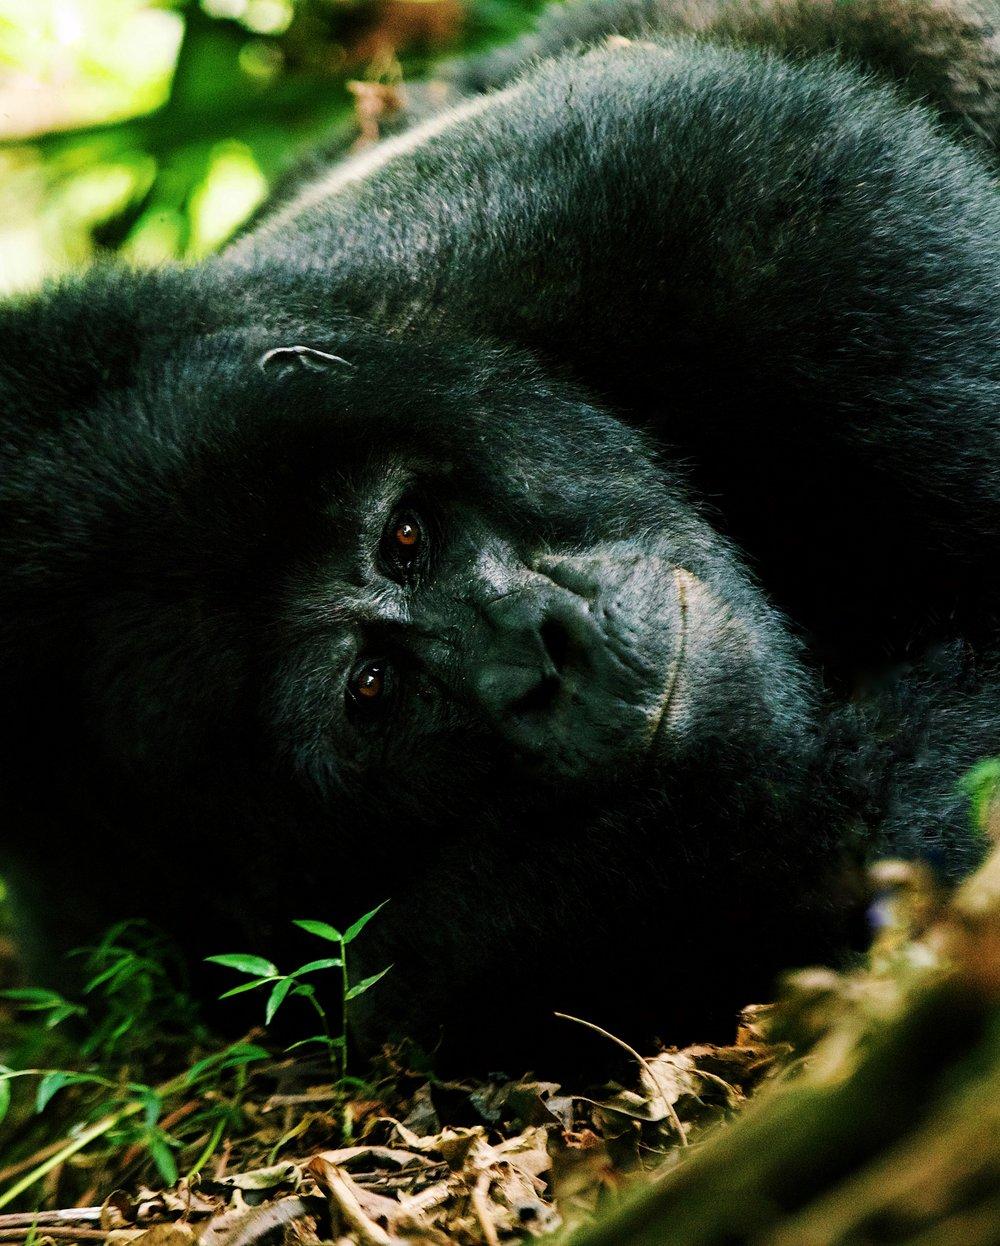 Mountain Gorilla silverback in Bwindi Uganda by Joost Bastmeijer.jpg